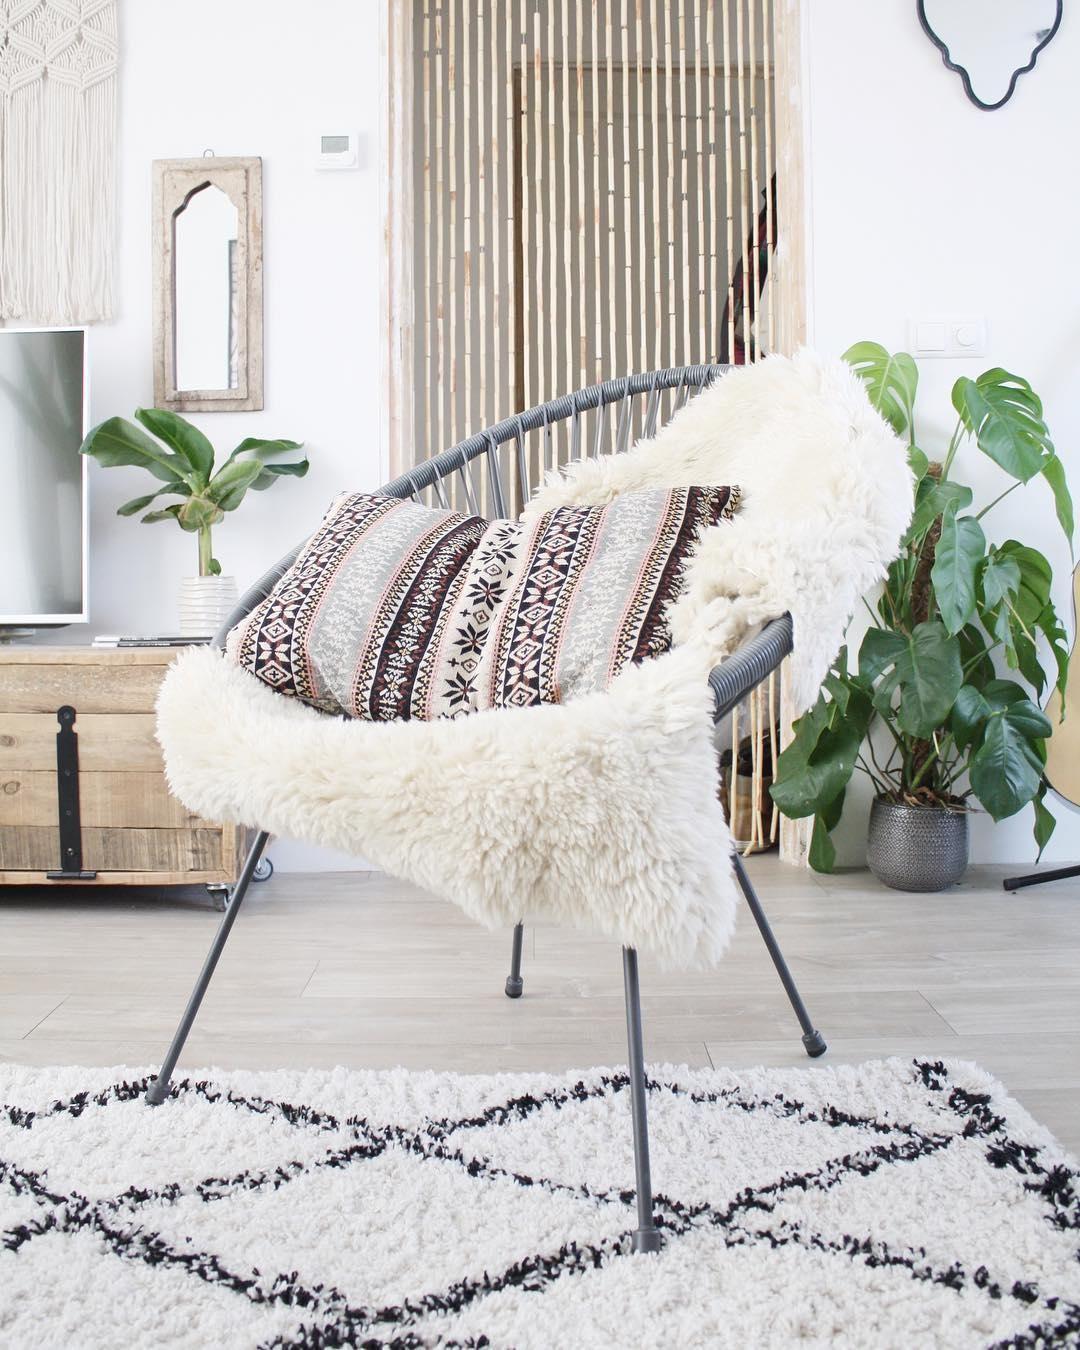 ein gem tlicher beni ourain teppich versch nert dein zuhause im handumdrehen wood weiss. Black Bedroom Furniture Sets. Home Design Ideas